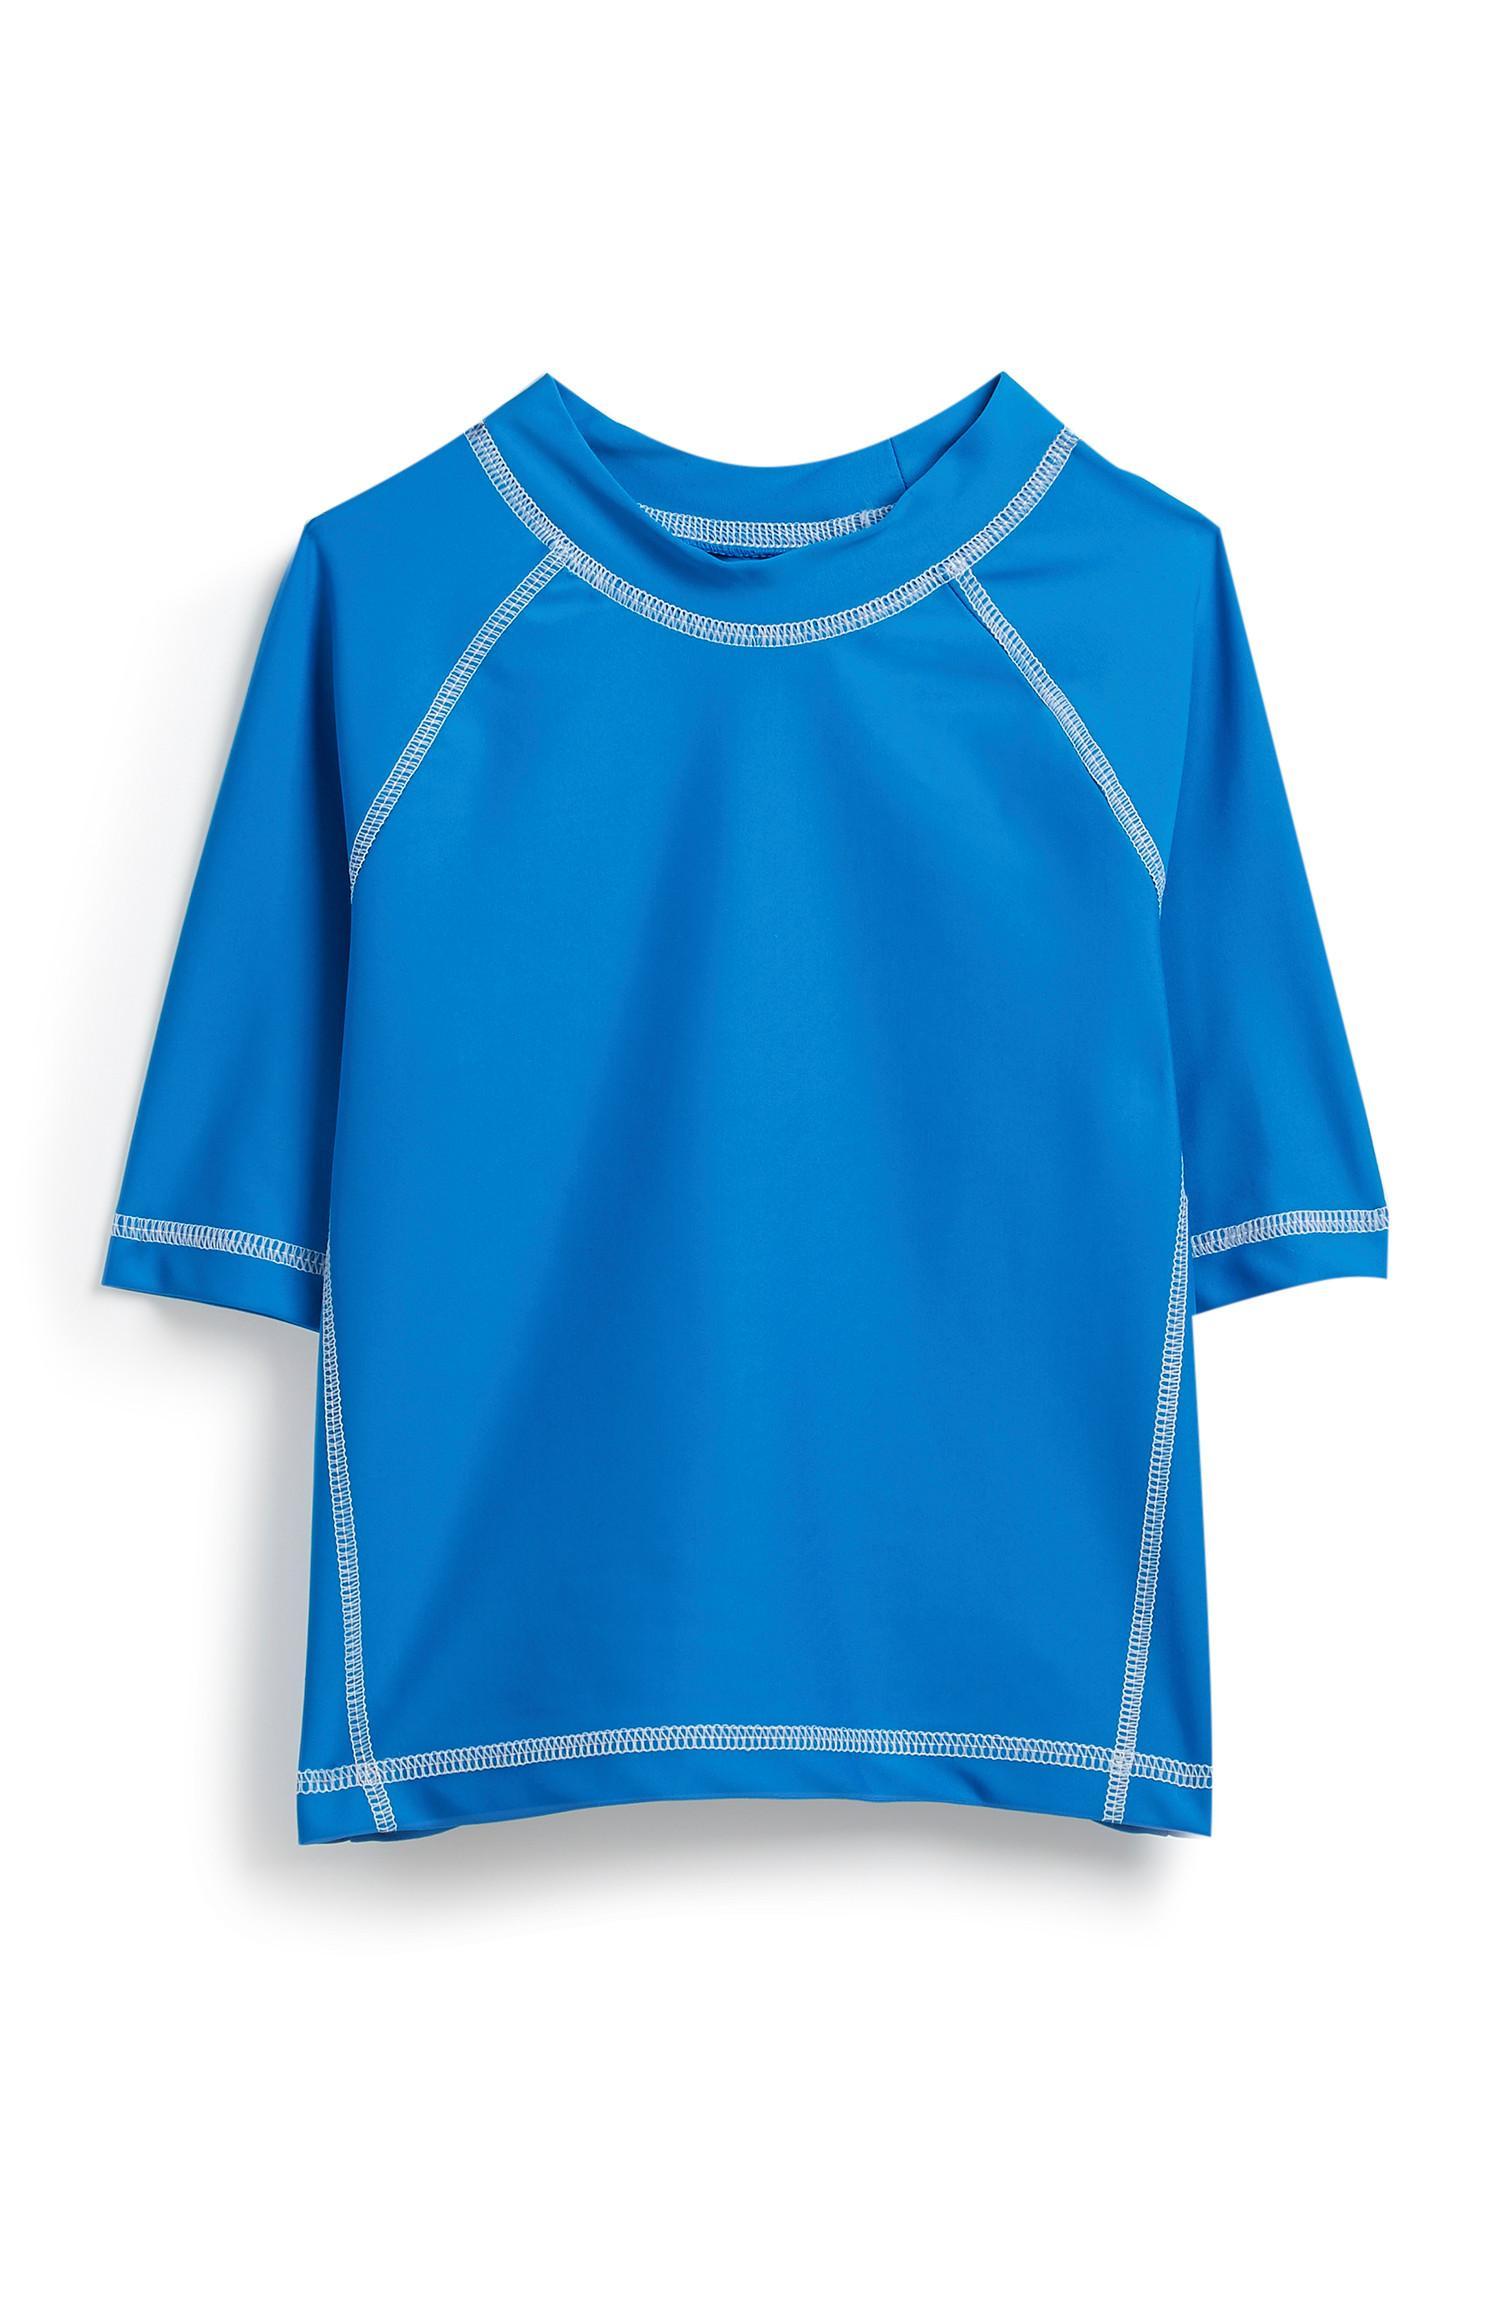 Camisola proteção solar menino azul